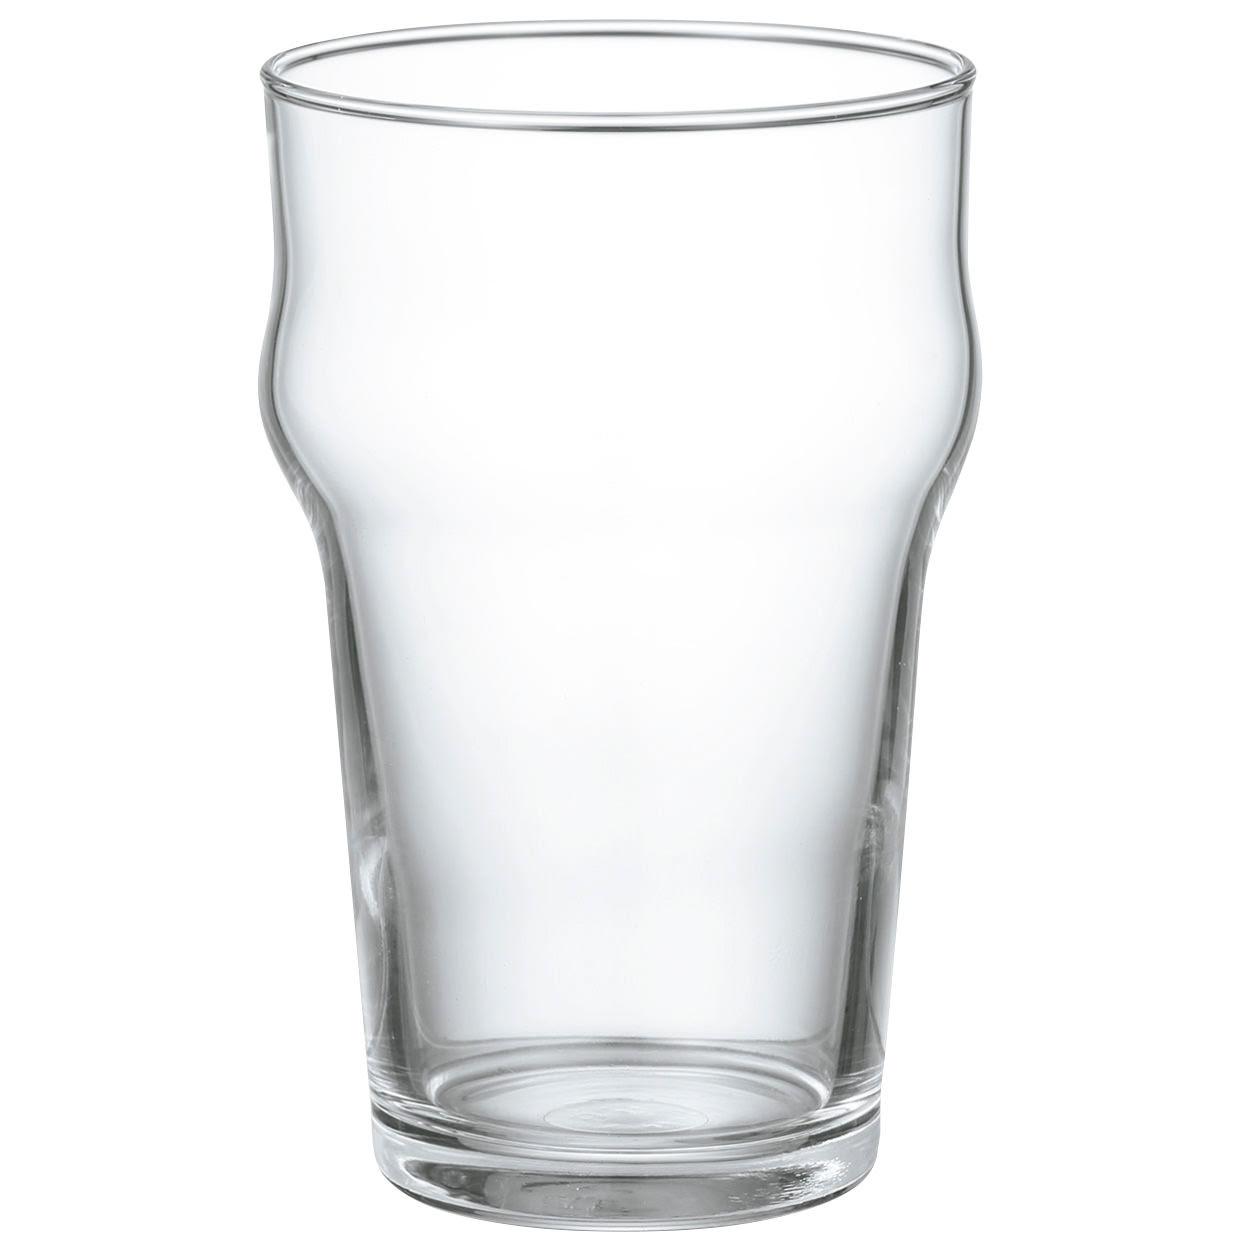 強化ガラス ハーフパイントグラス